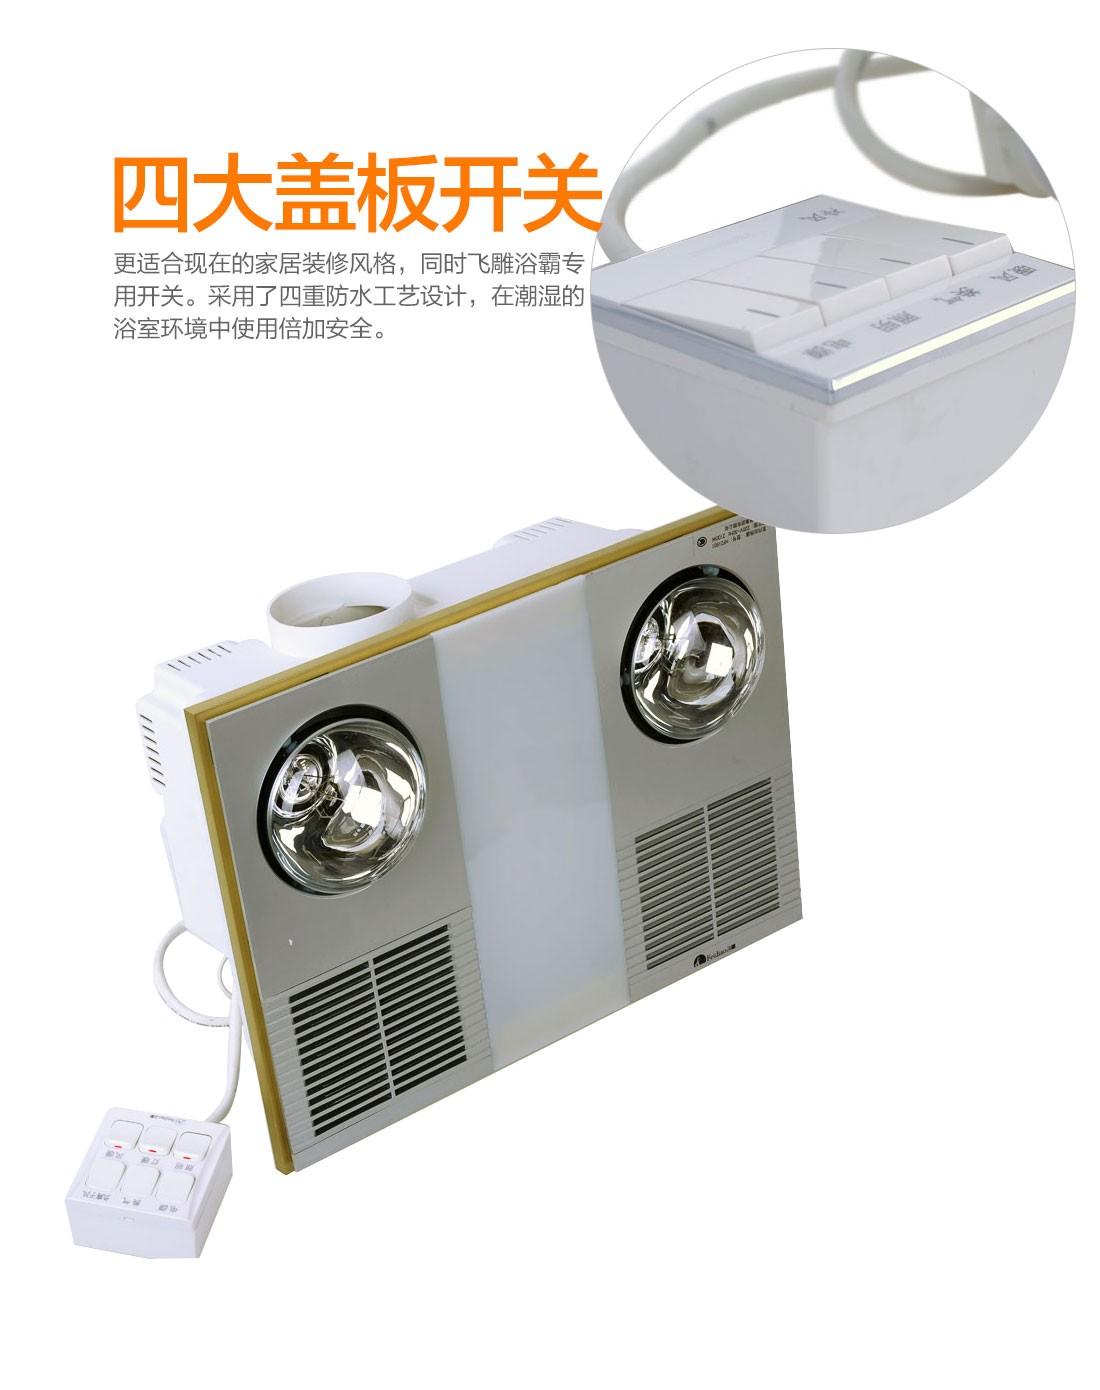 风暖型浴霸 天花板安装式风暖四合一